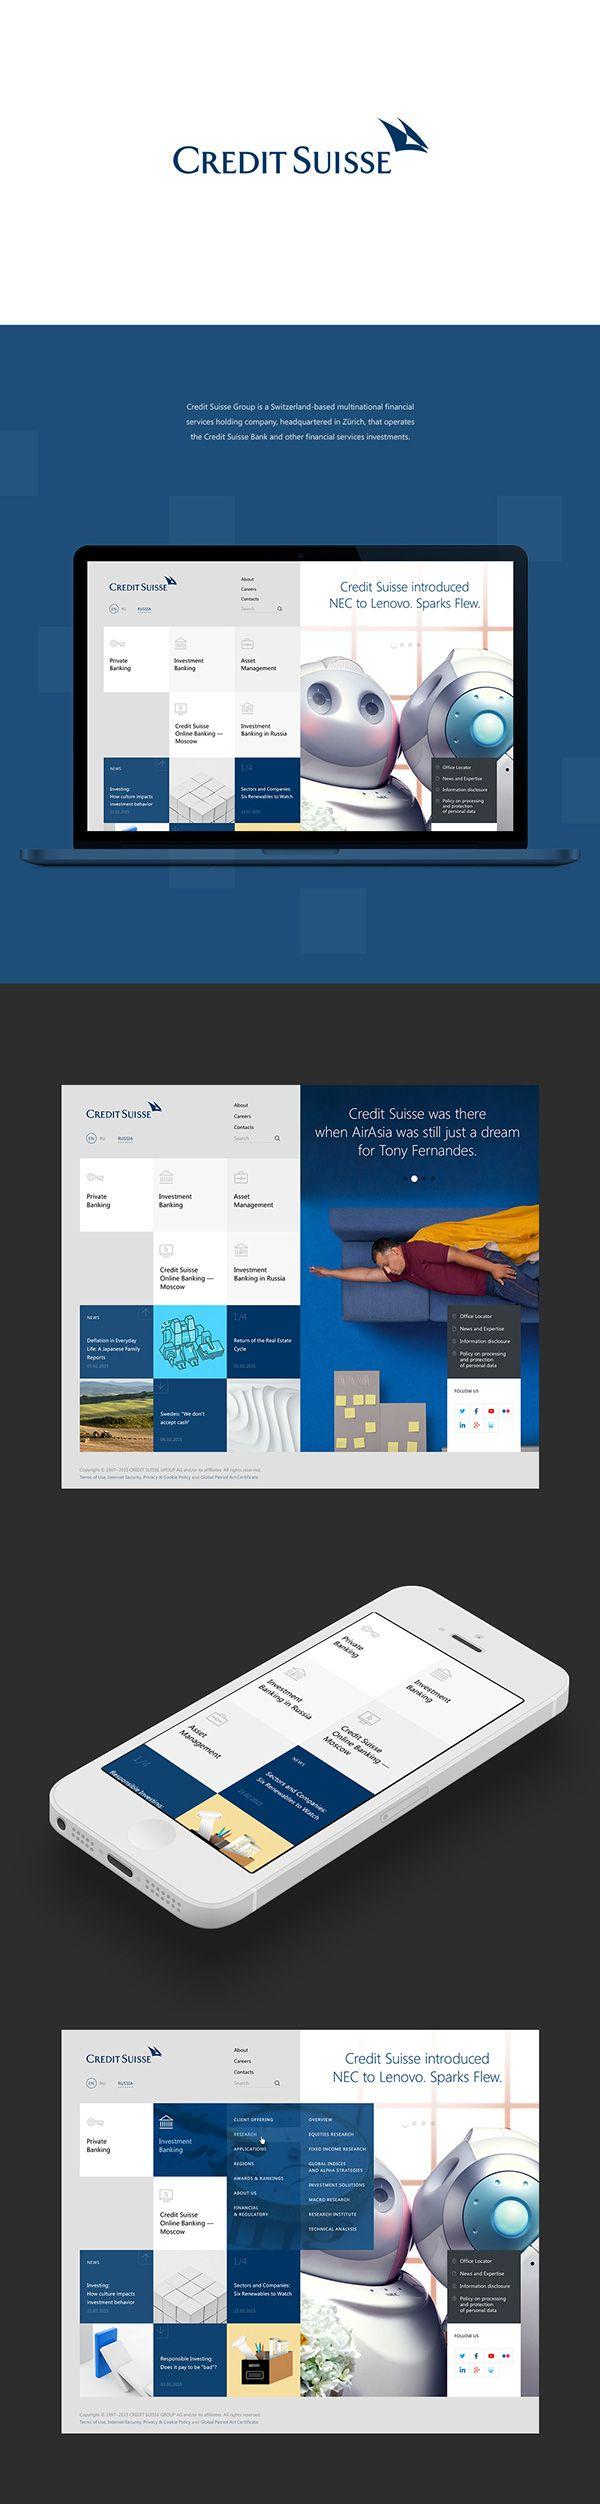 Credit Suisse on Web Design Served